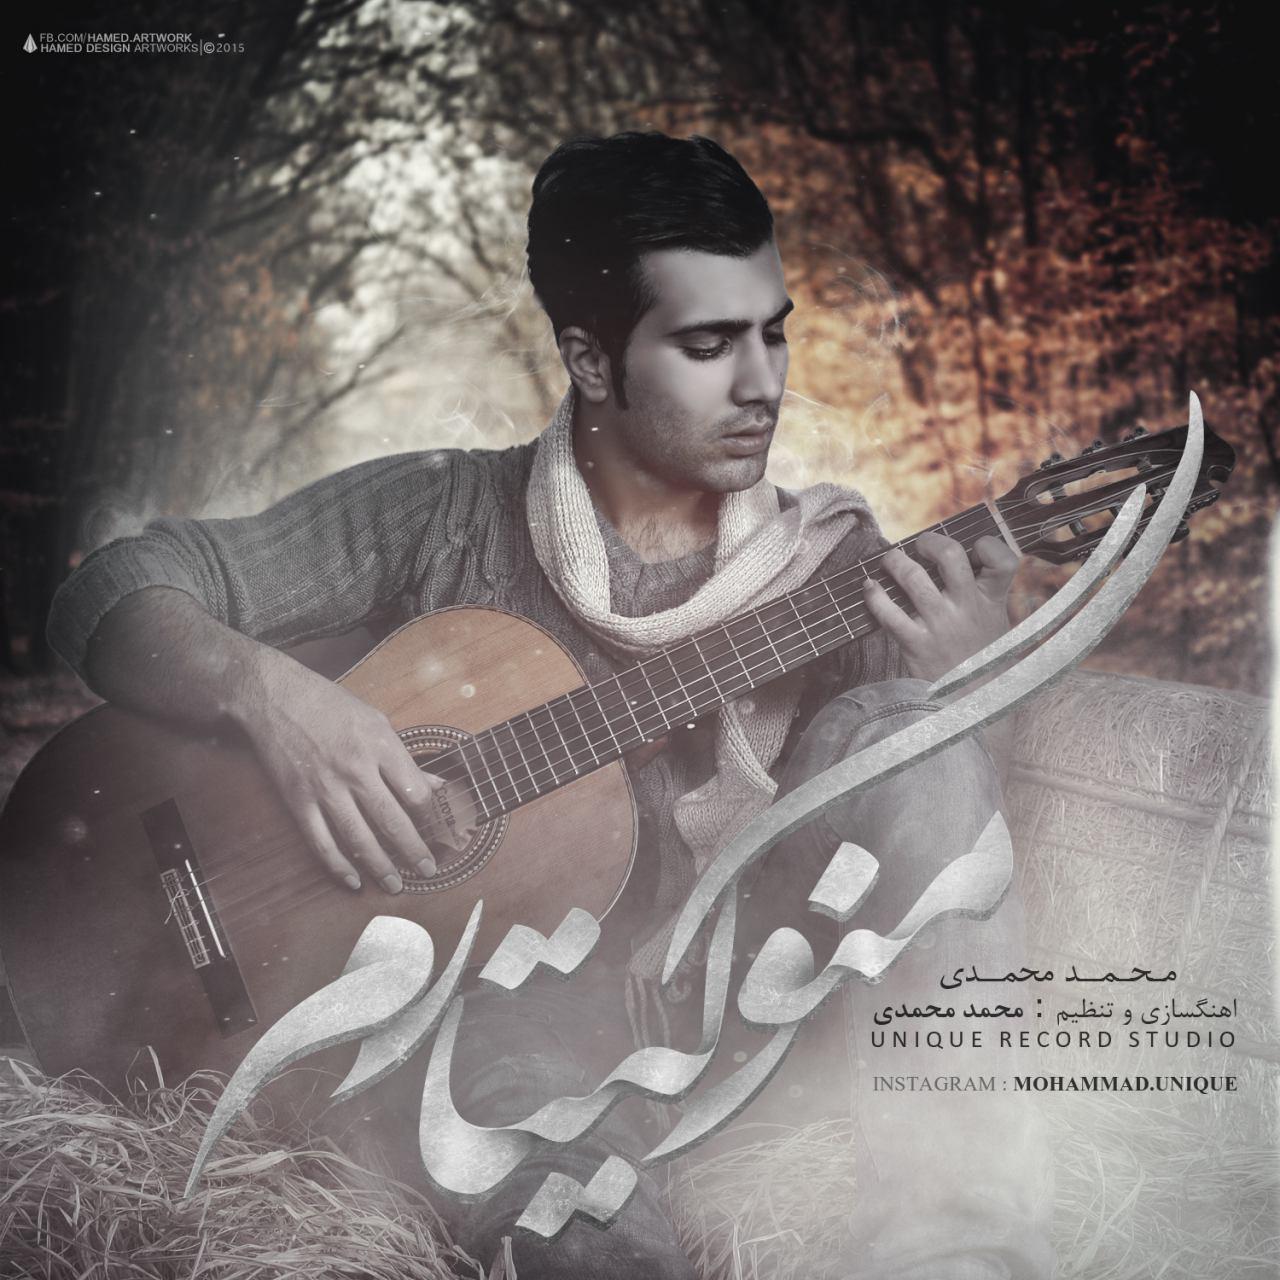 Mohamad Mohammadi Mano Gitaram